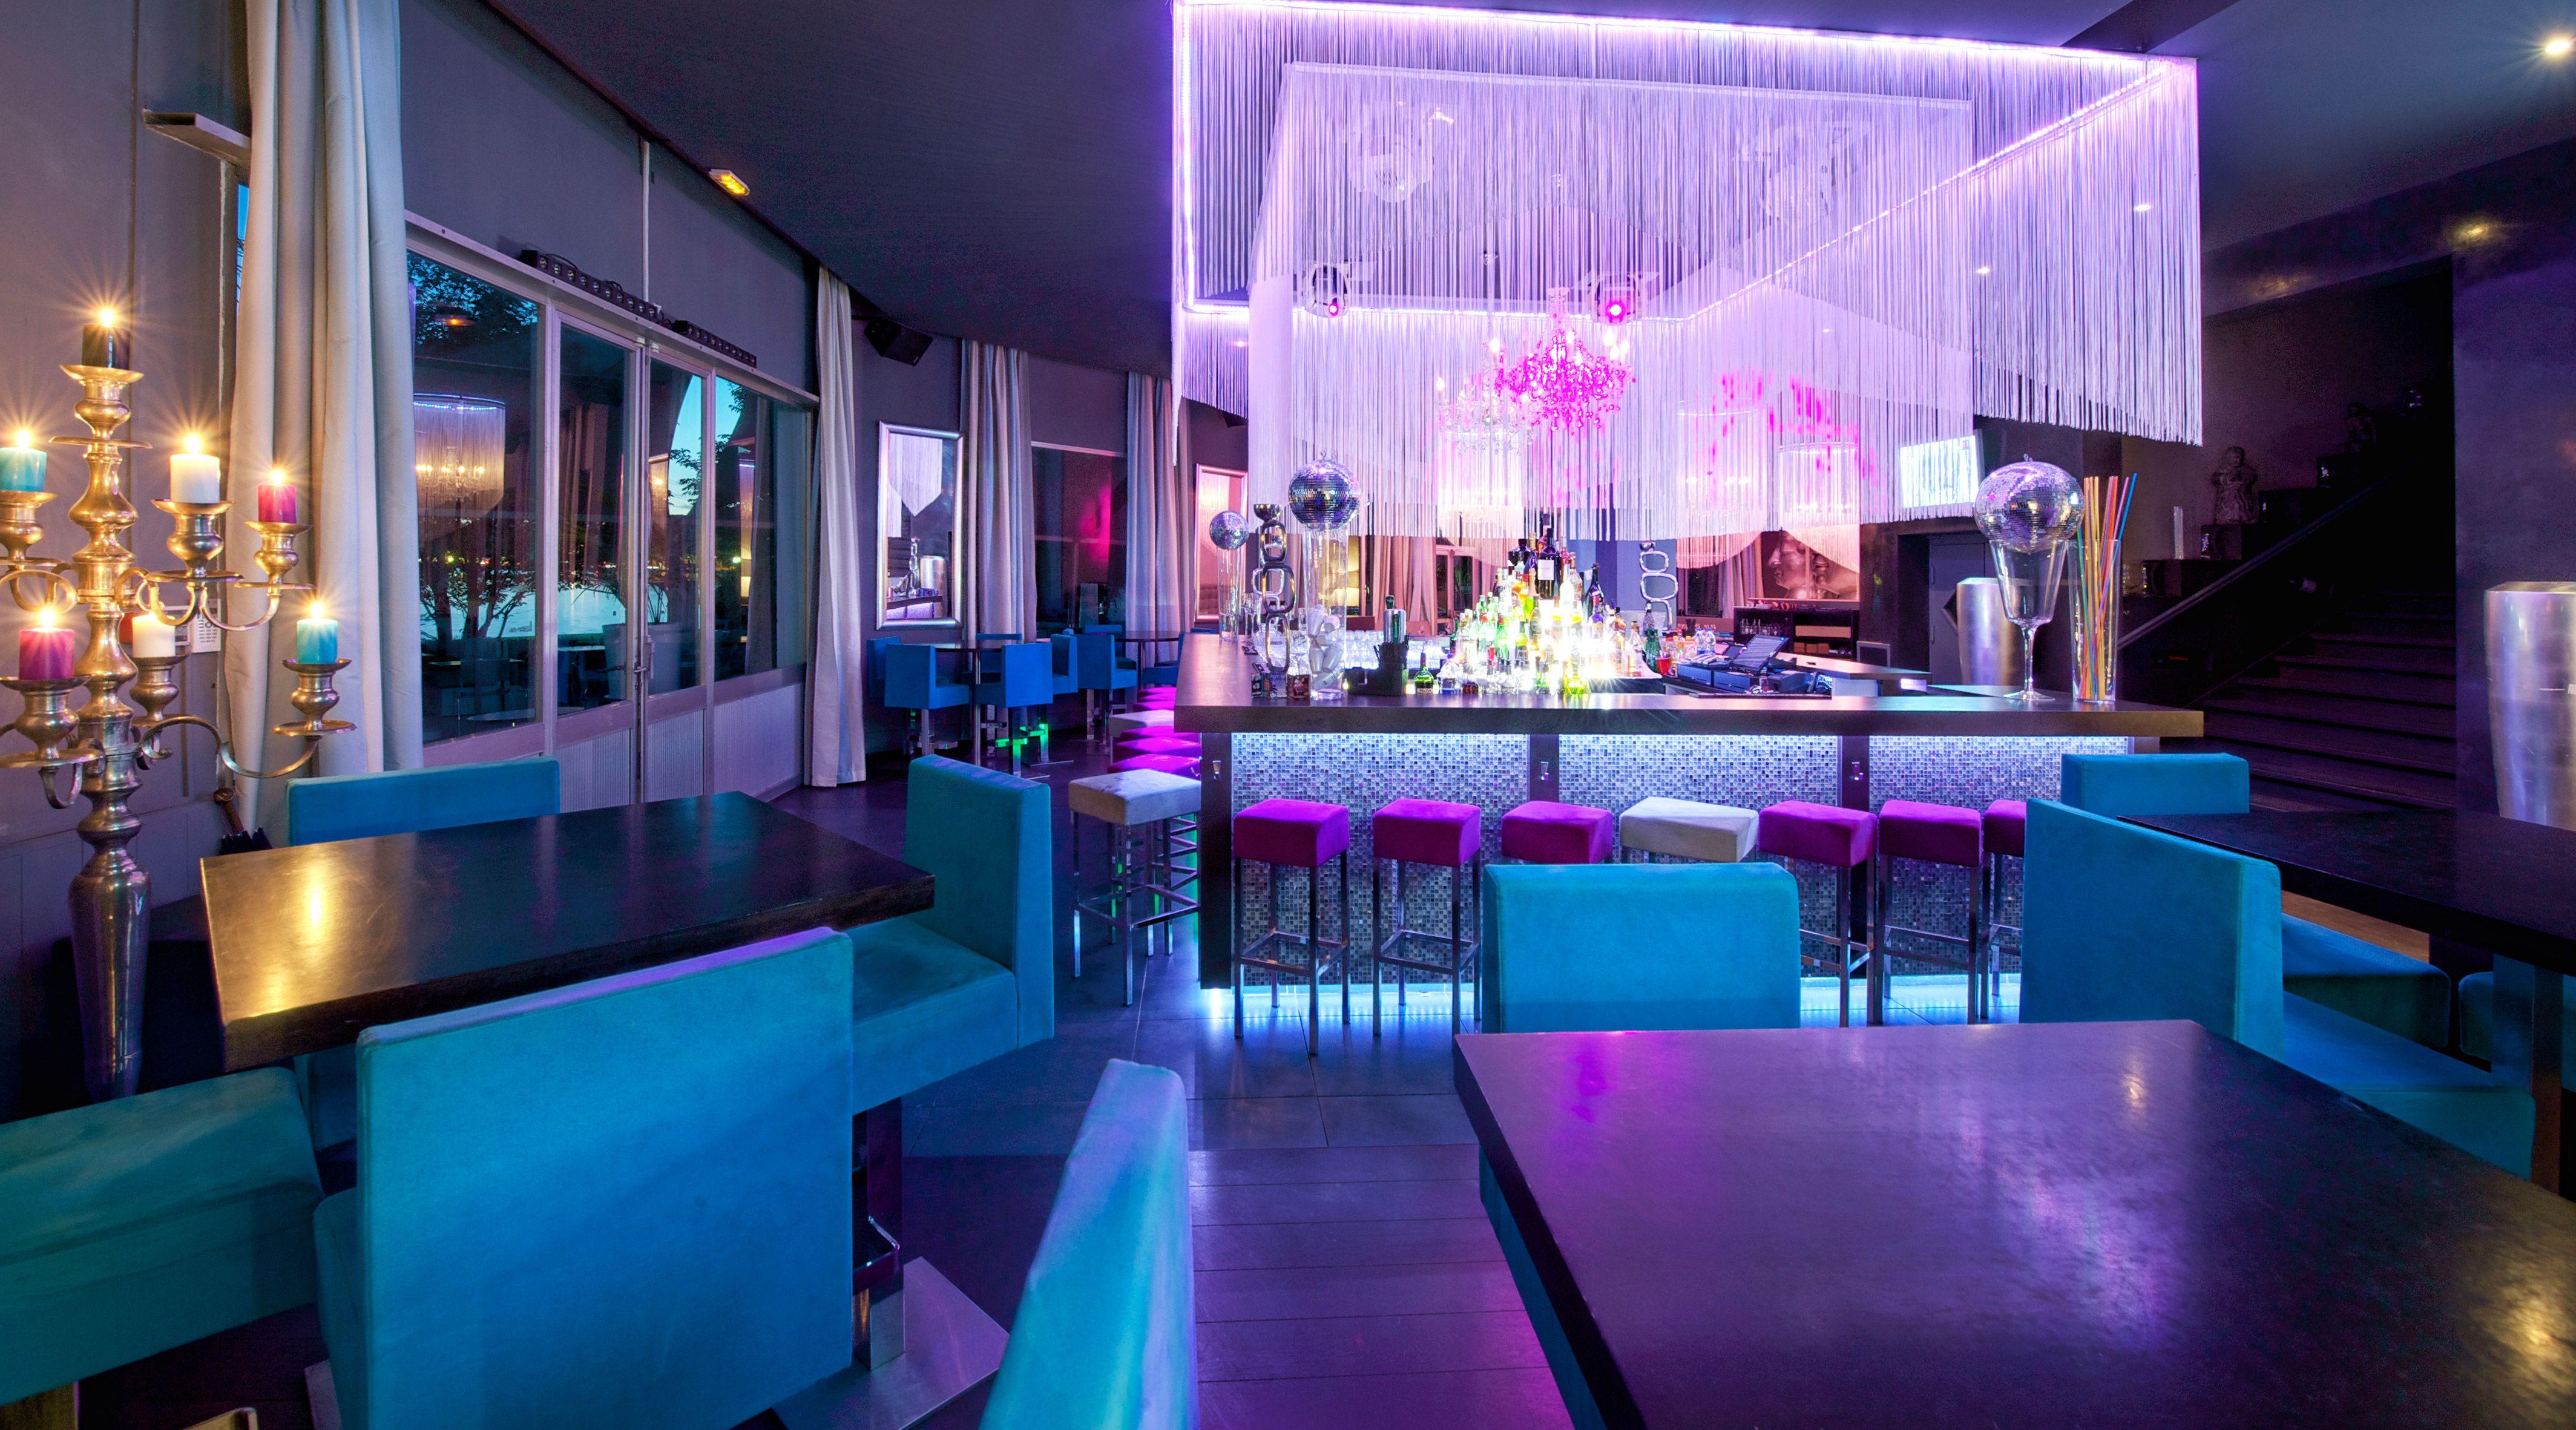 Restaurant Bar Festif Le Moon A Annecy Au Bord Du Lac Ambiance Raffinee Notes Baroques Chics Et Colorees Mosai Decoration Bar Bar Interieur Lustre Baroque